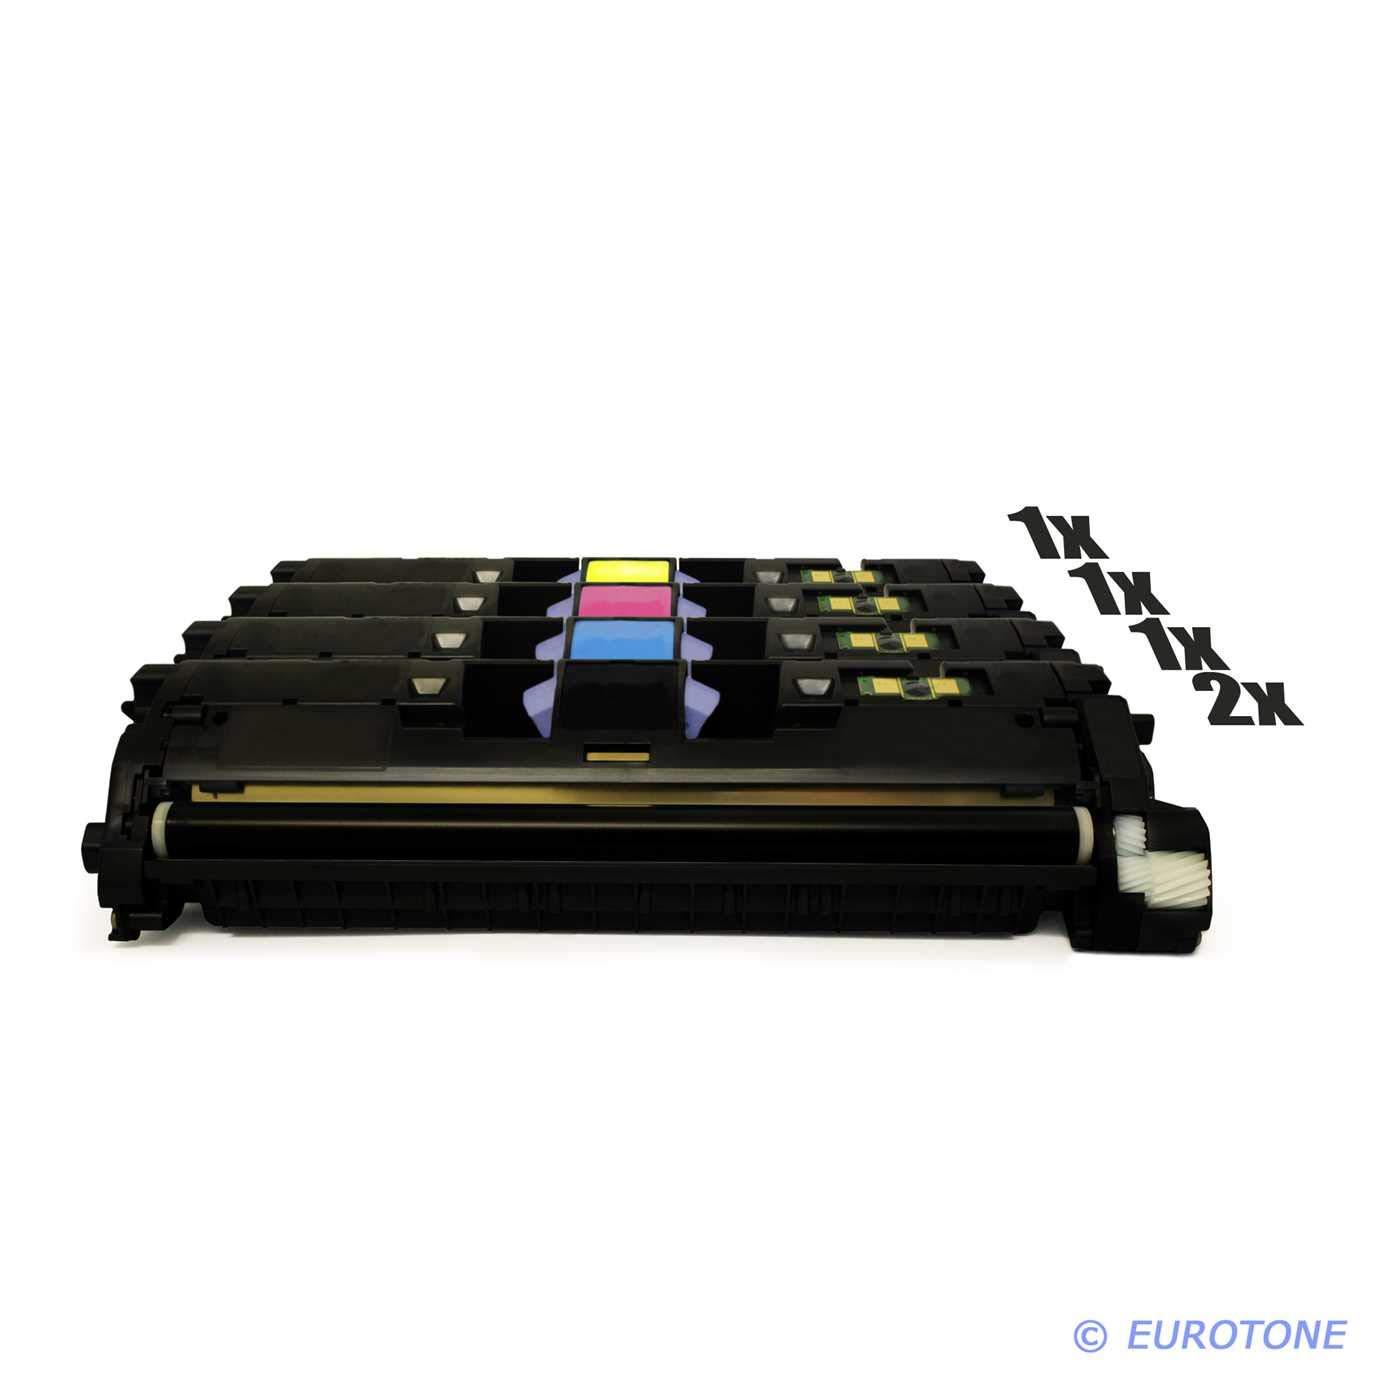 5X Eurotone Toner für Canon LBP 5200 ersetzt 701 schwarz Cyan Magenta Gelb